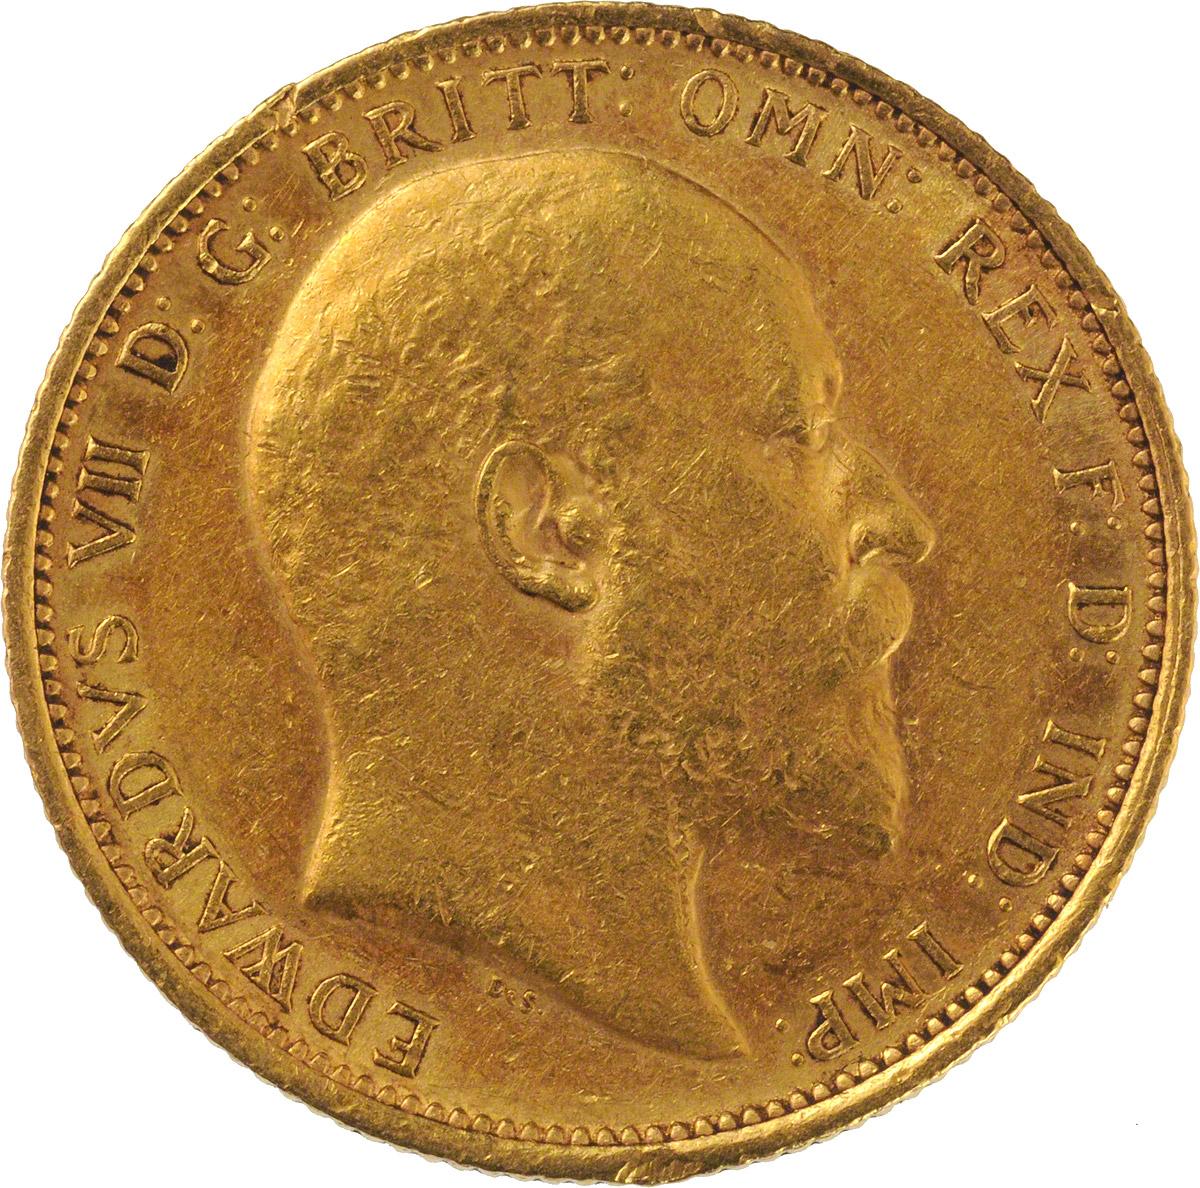 1906 Εδουάρδος Ζ' (Νομισματοκοπείο Σίδνεϊ)